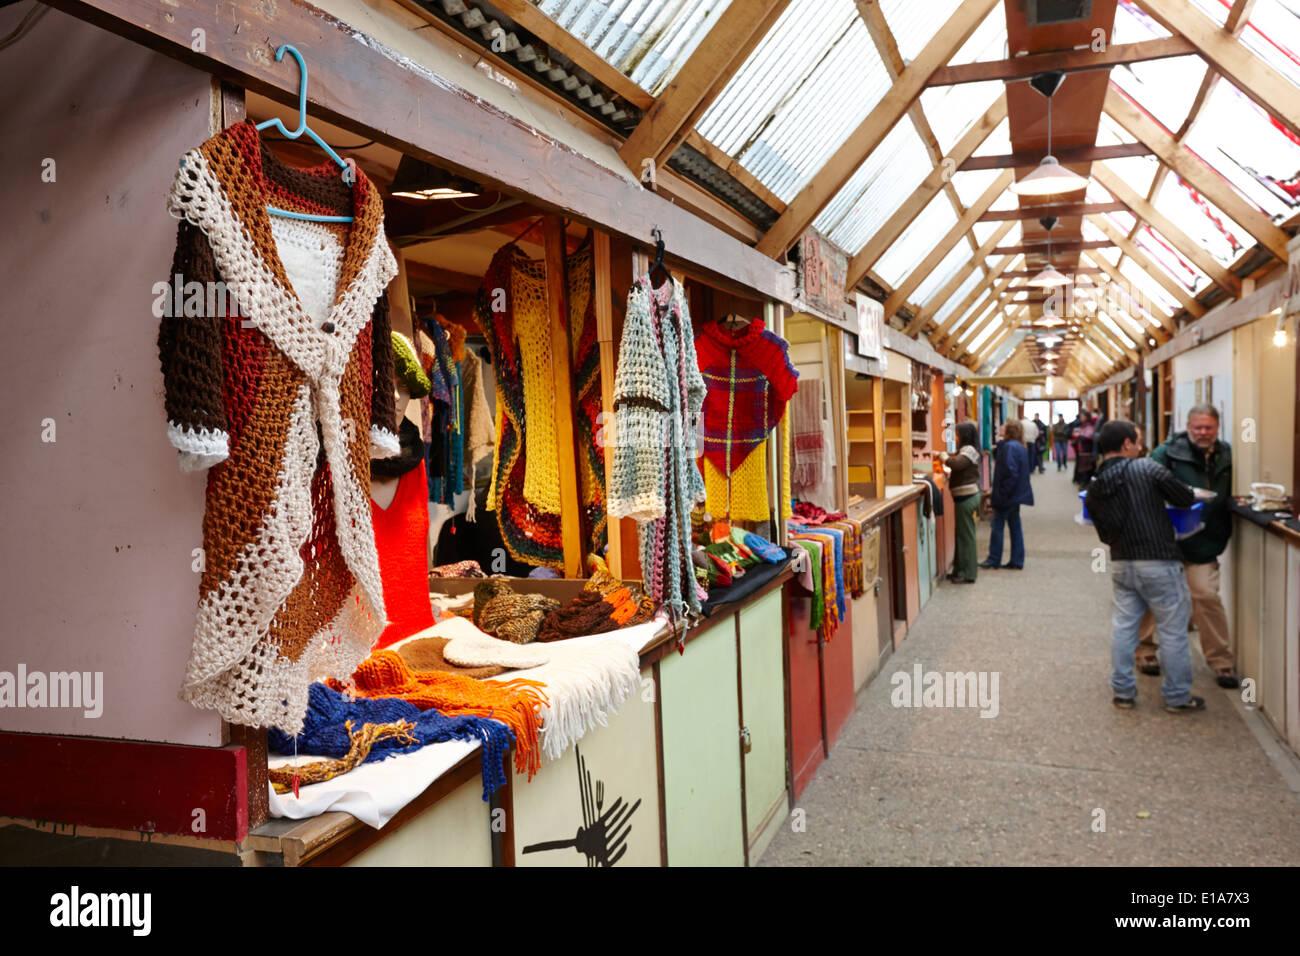 paseo de los artesanos handicrafts market Ushuaia Argentina - Stock Image